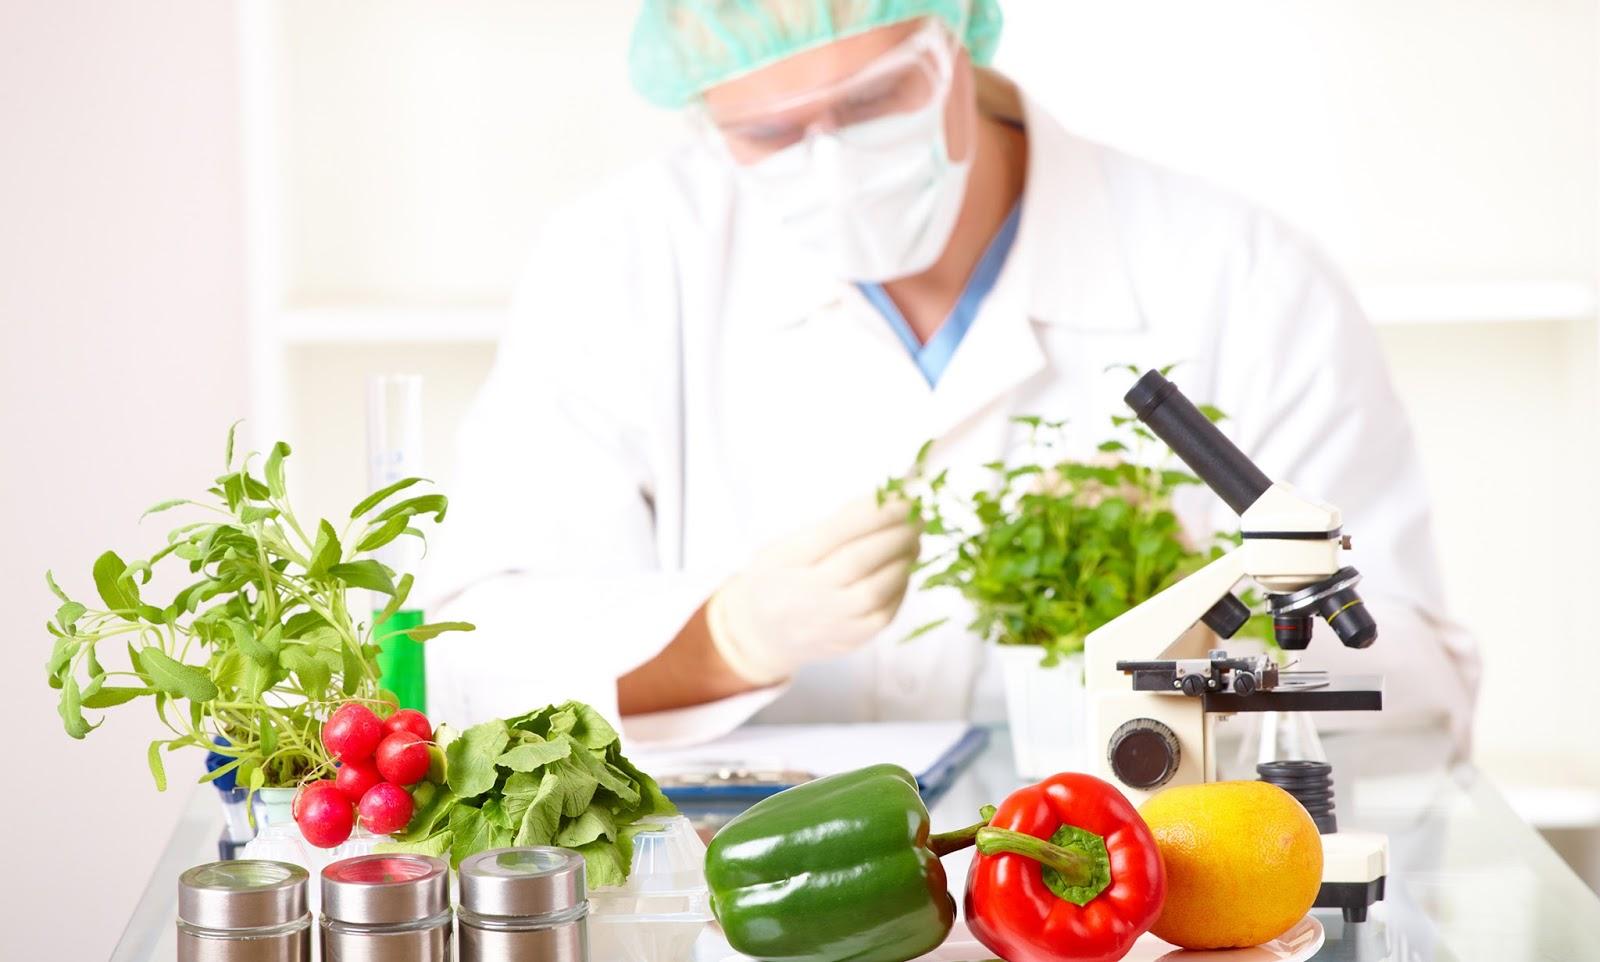 Resultado de imagen para Modelos matemáticos aplicados a la vida útil de los alimentos